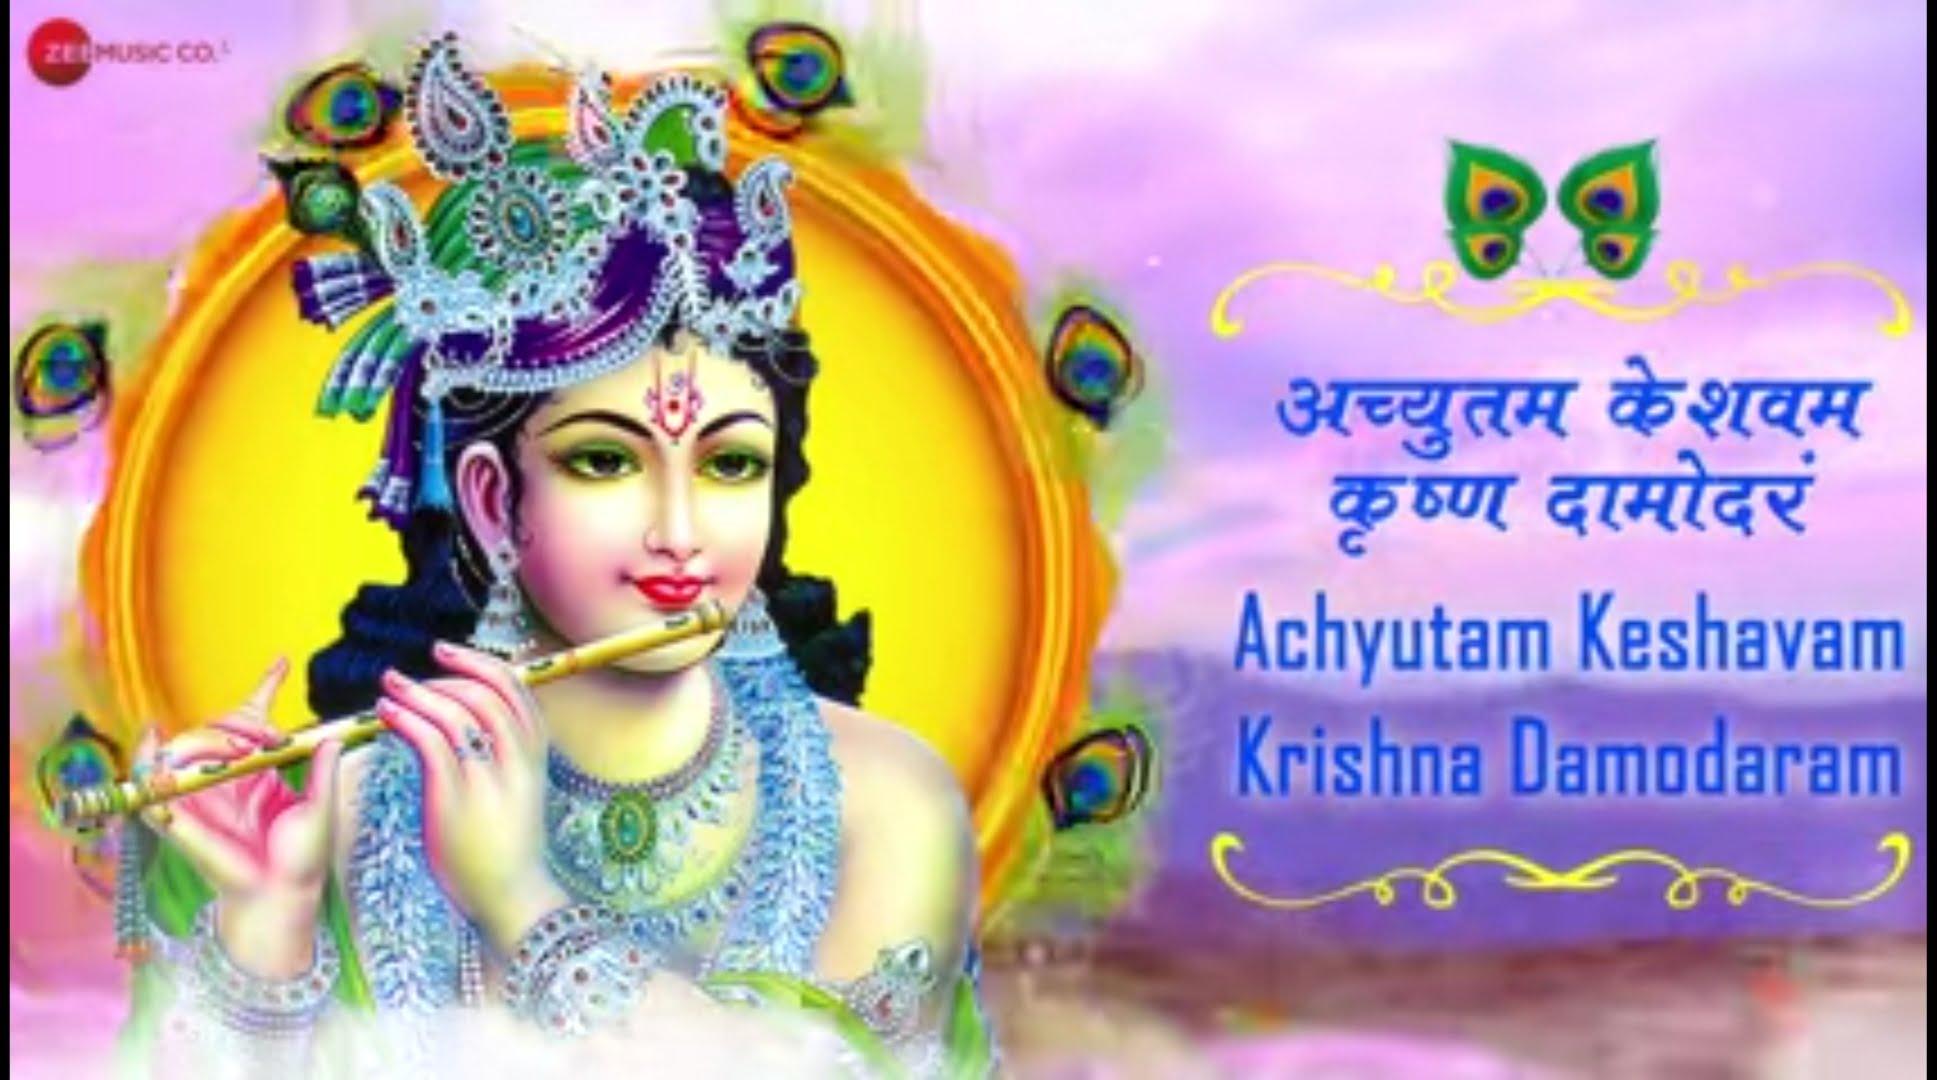 अच्चुतम केशवं कृष्णा  Achutam Keshavam Bhajan Lyrics in Hindi - Lyricsveer